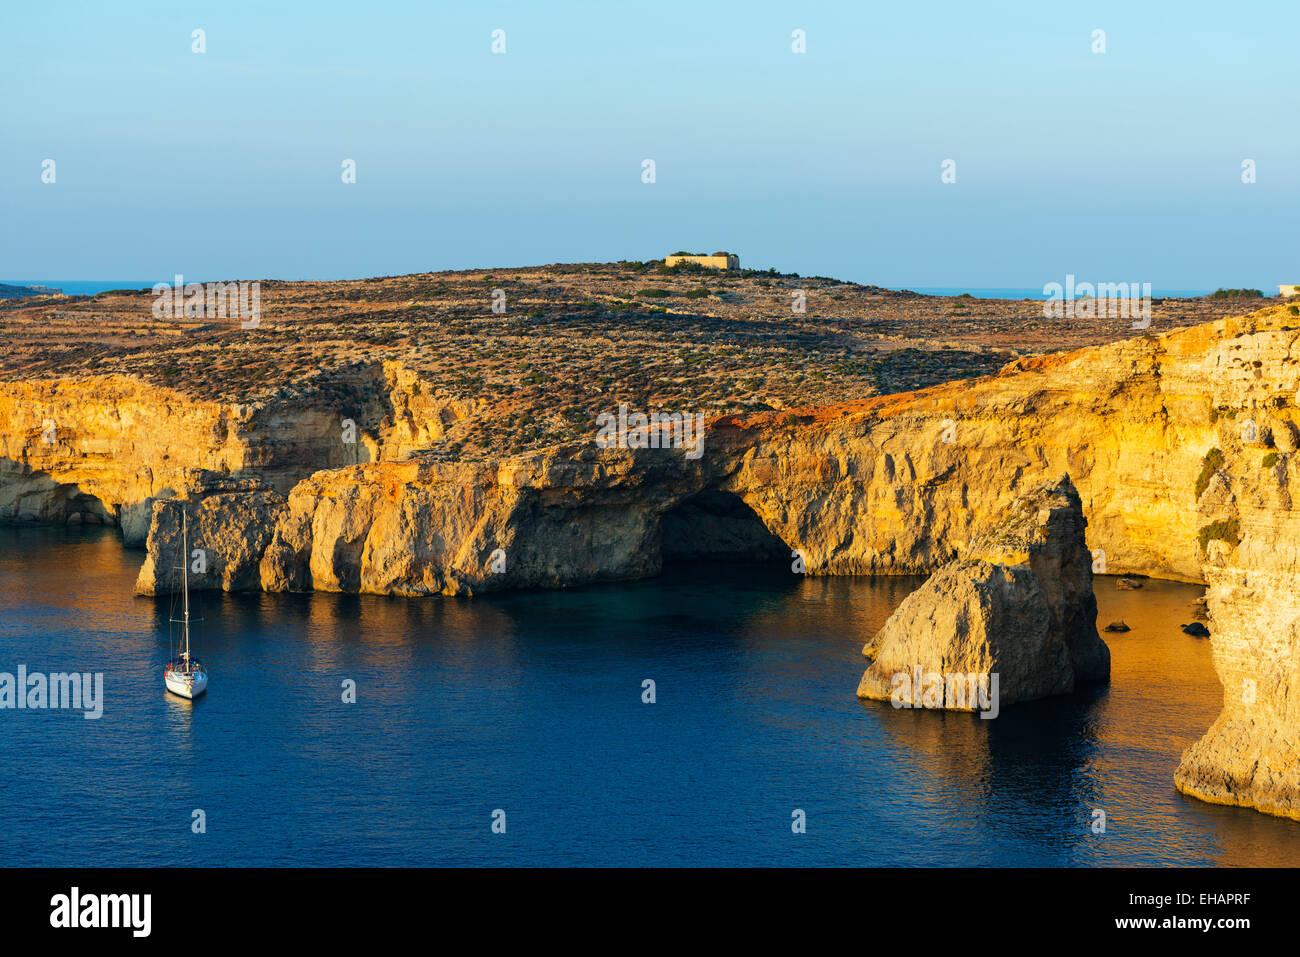 La Europa del Mediterráneo, Malta, isla de Comino, Imagen De Stock